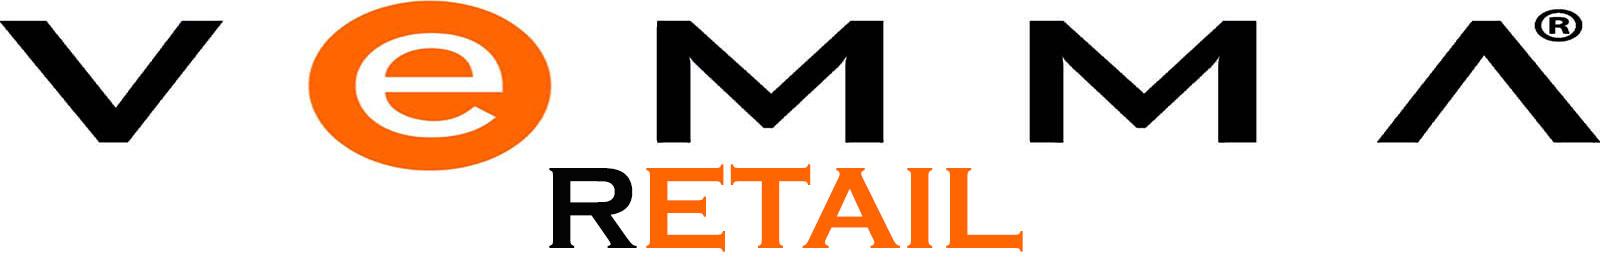 Vemma Nutritional Company | Vemma Retail